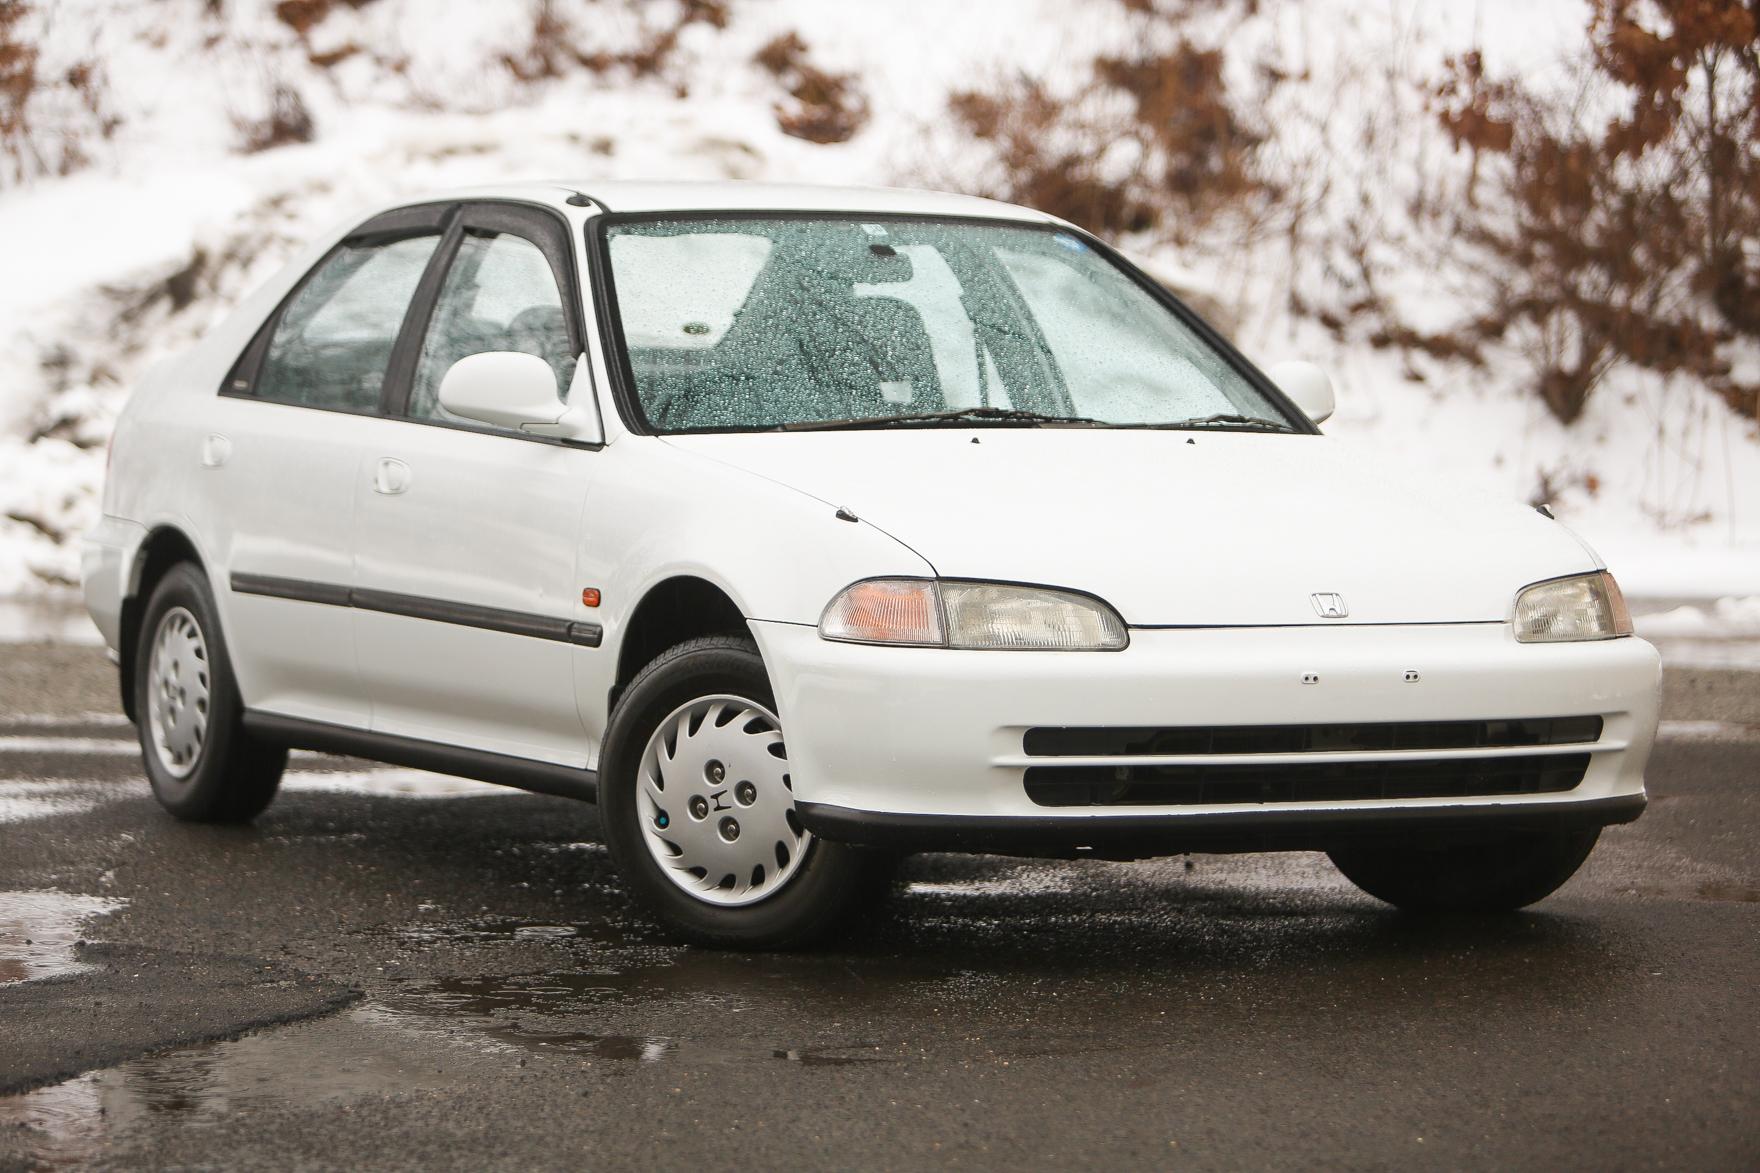 1993 Honda Civic 4 Door - $9,000